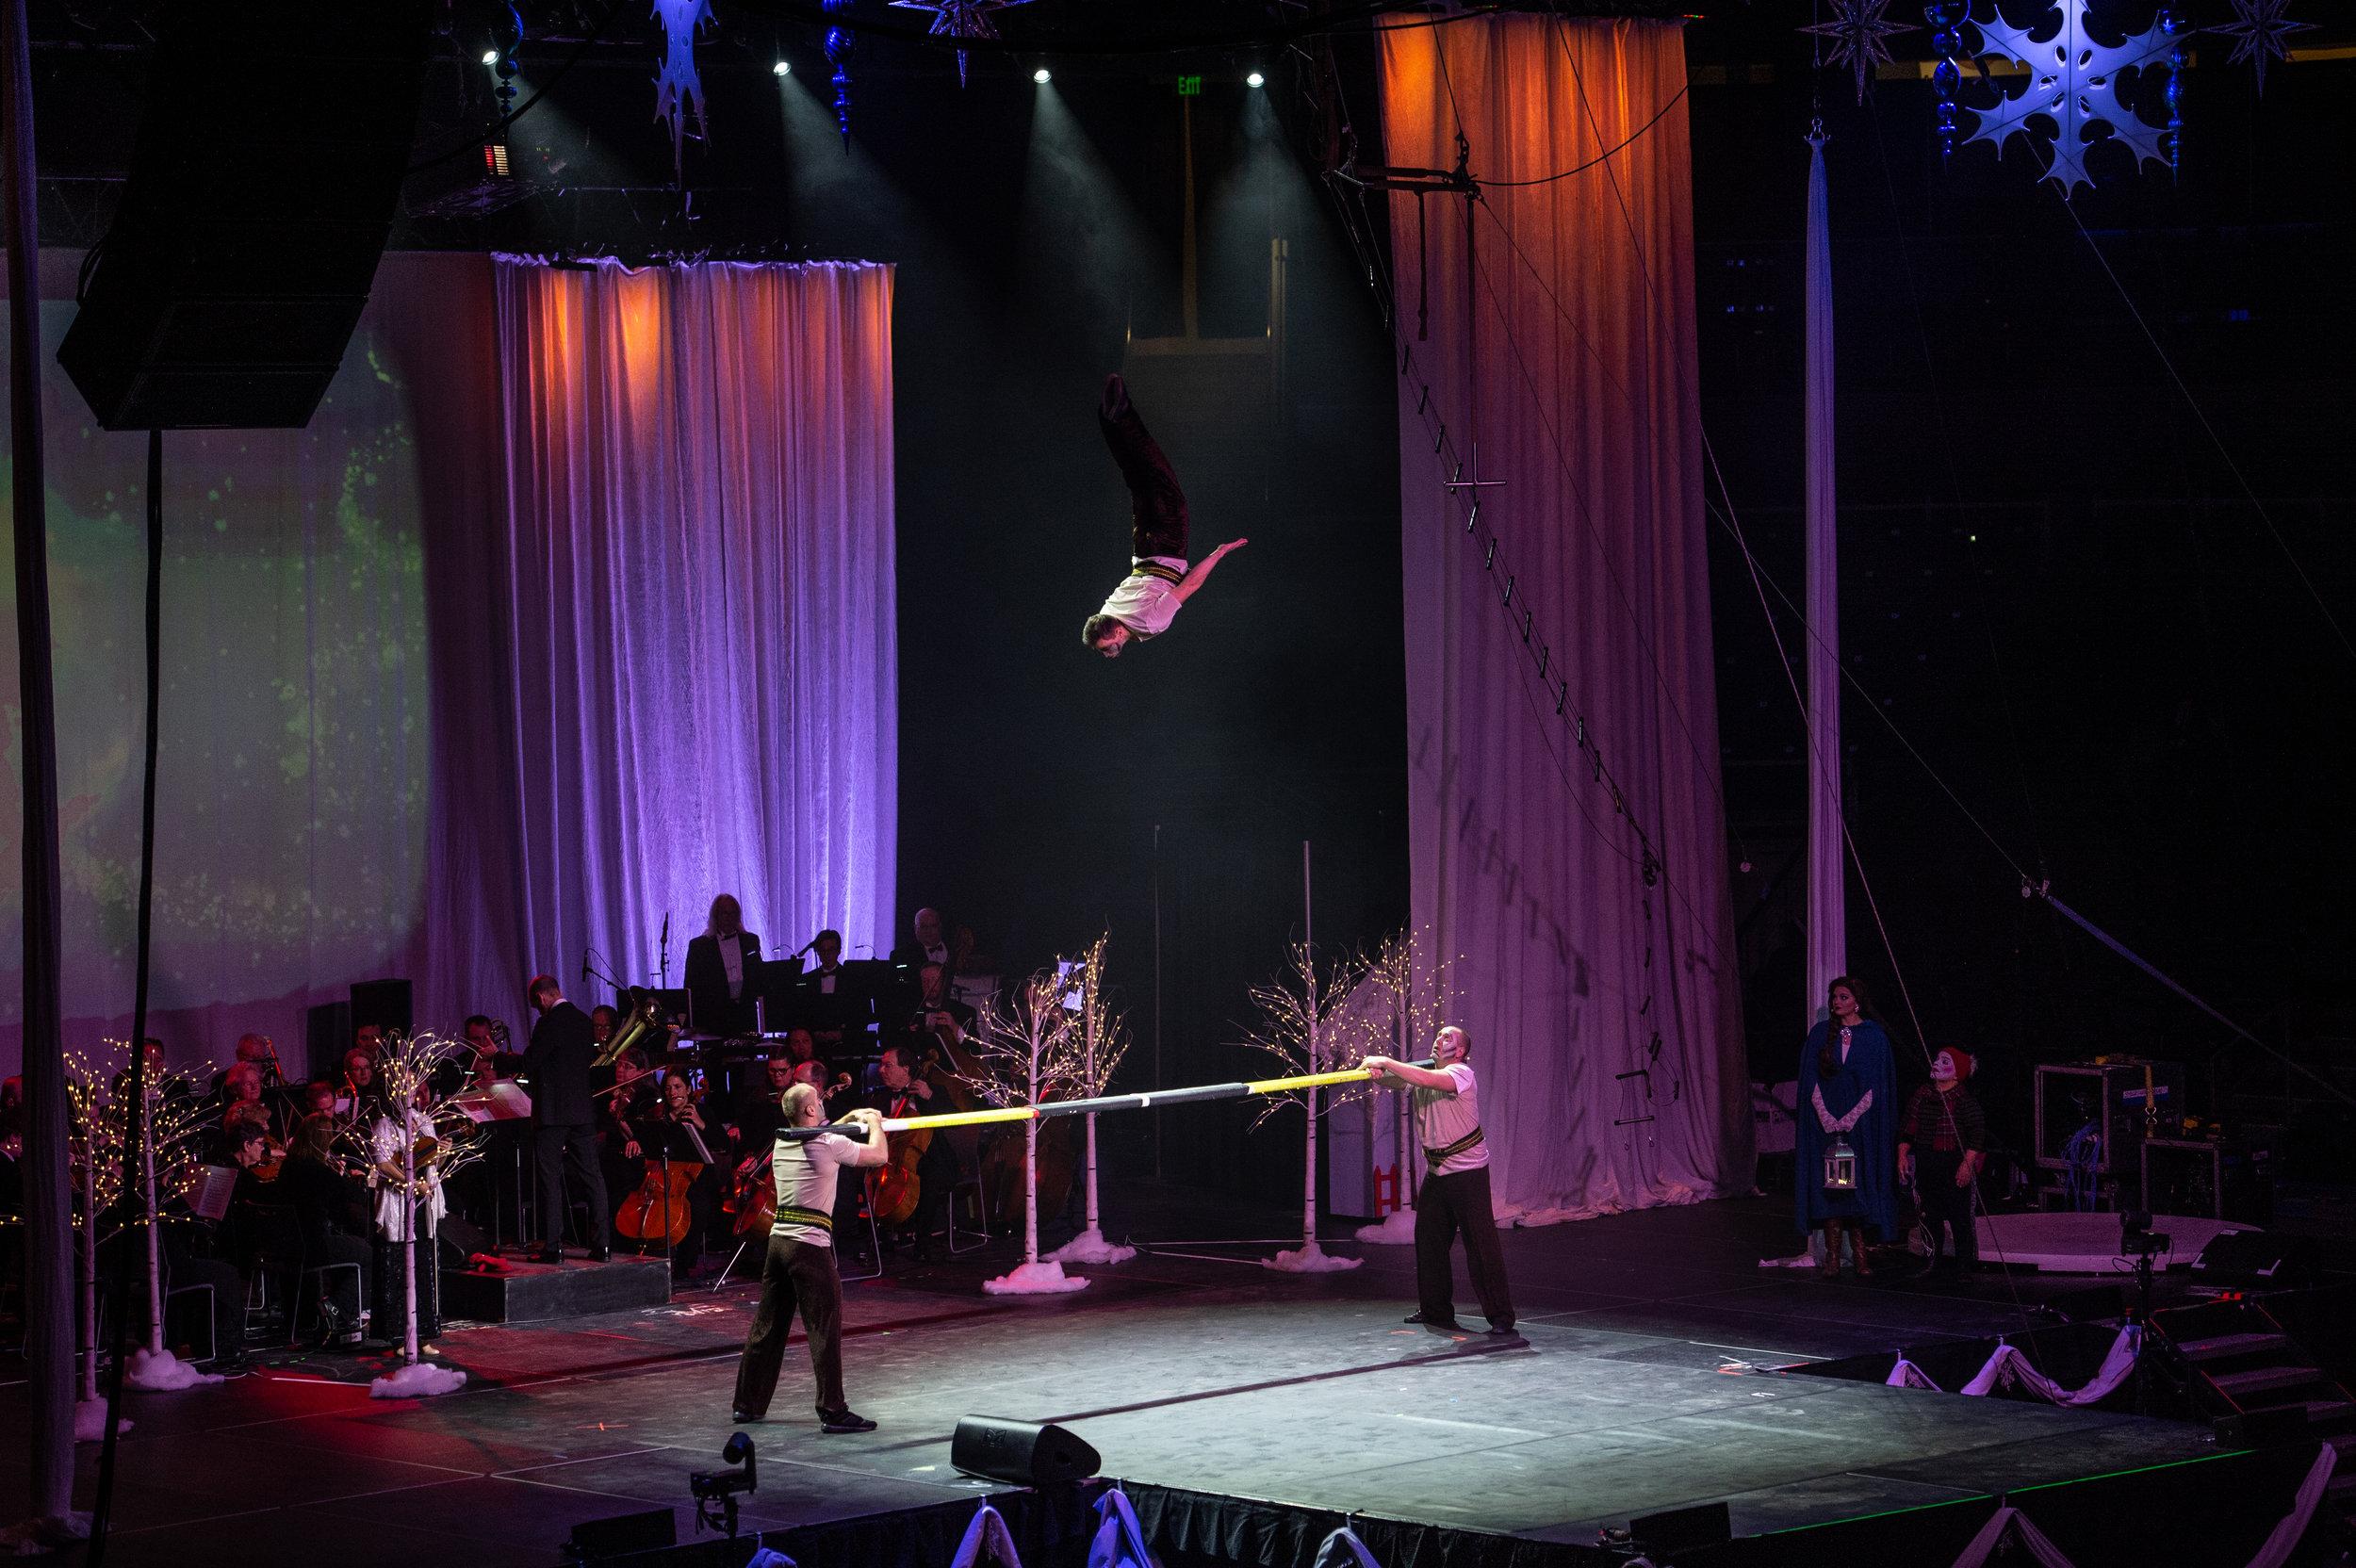 Cirque-ScheelsArena-86.jpg